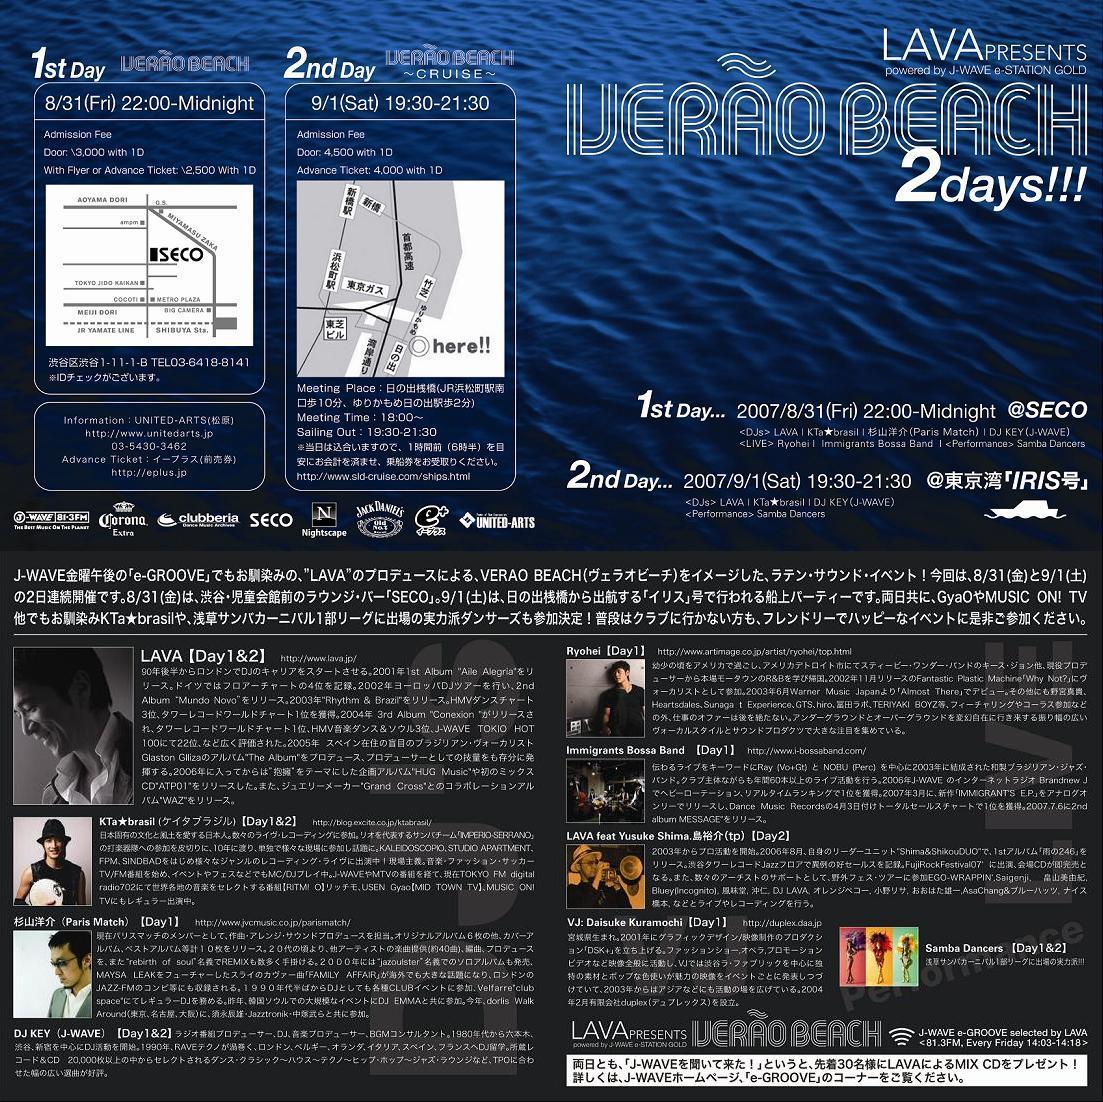 クルージングパーティー☆乗船前売受付、〆切りは明日月曜まで!_b0032617_14225369.jpg